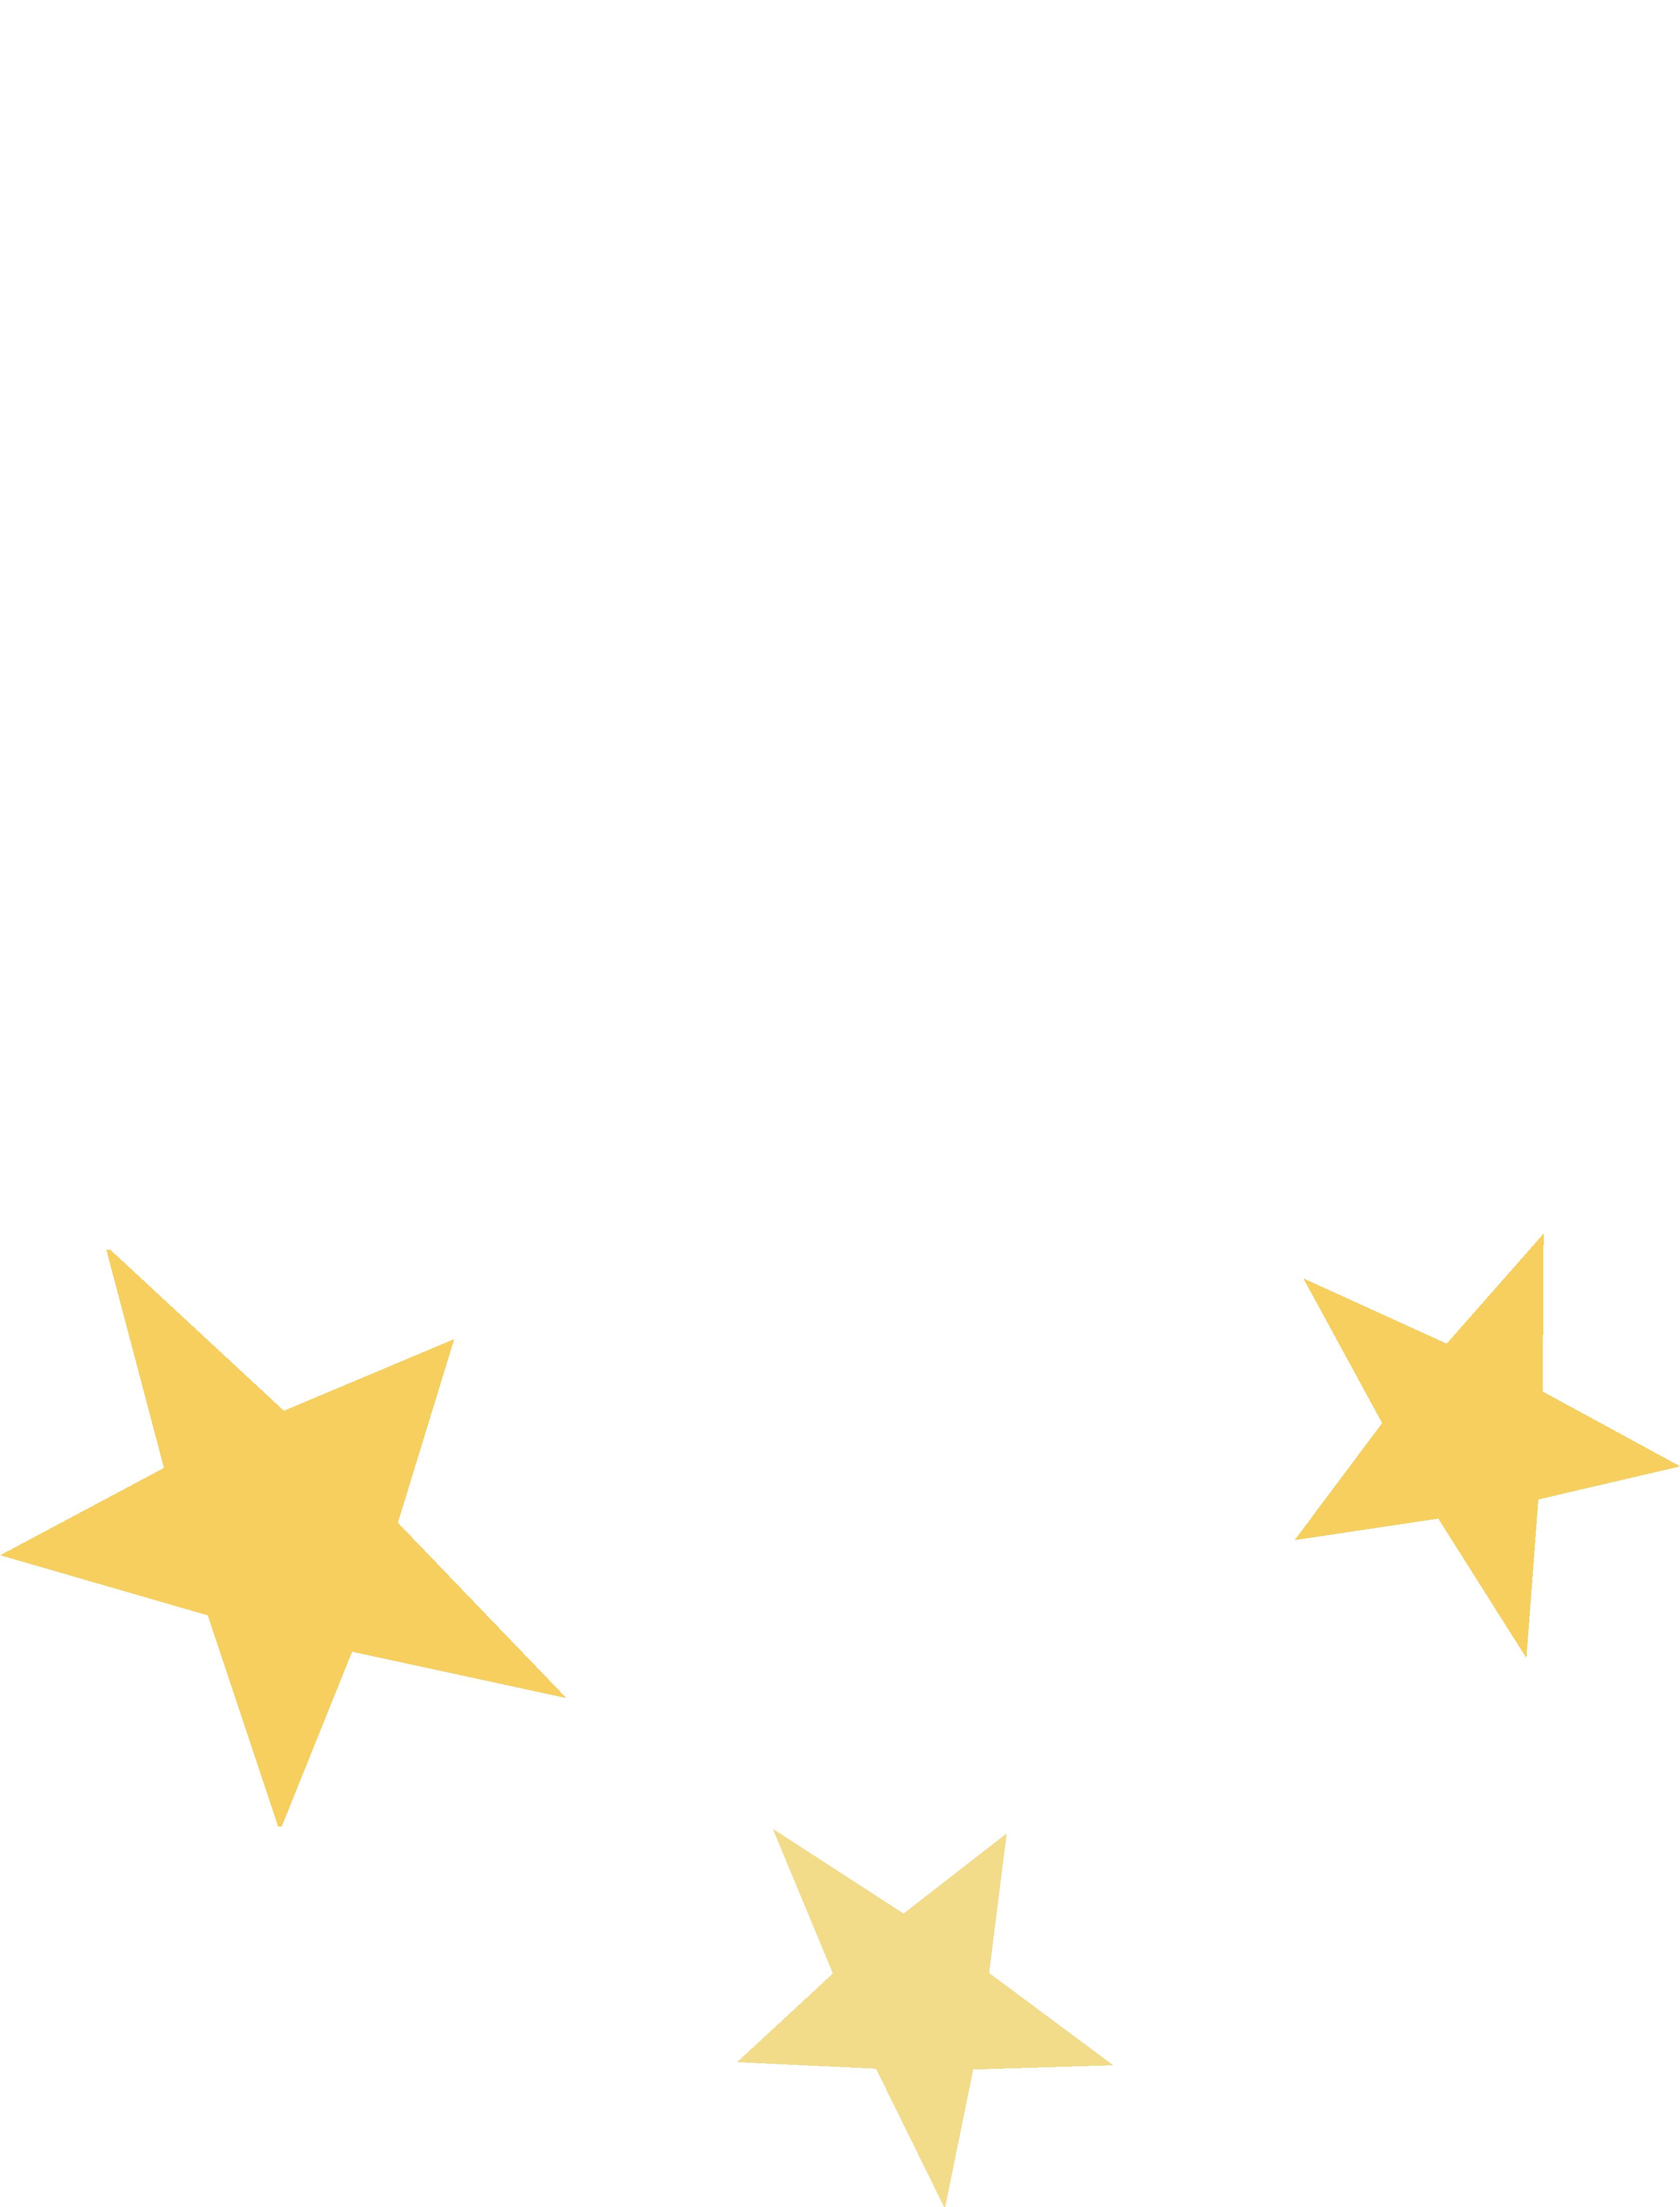 Lightning Dust cutie mark